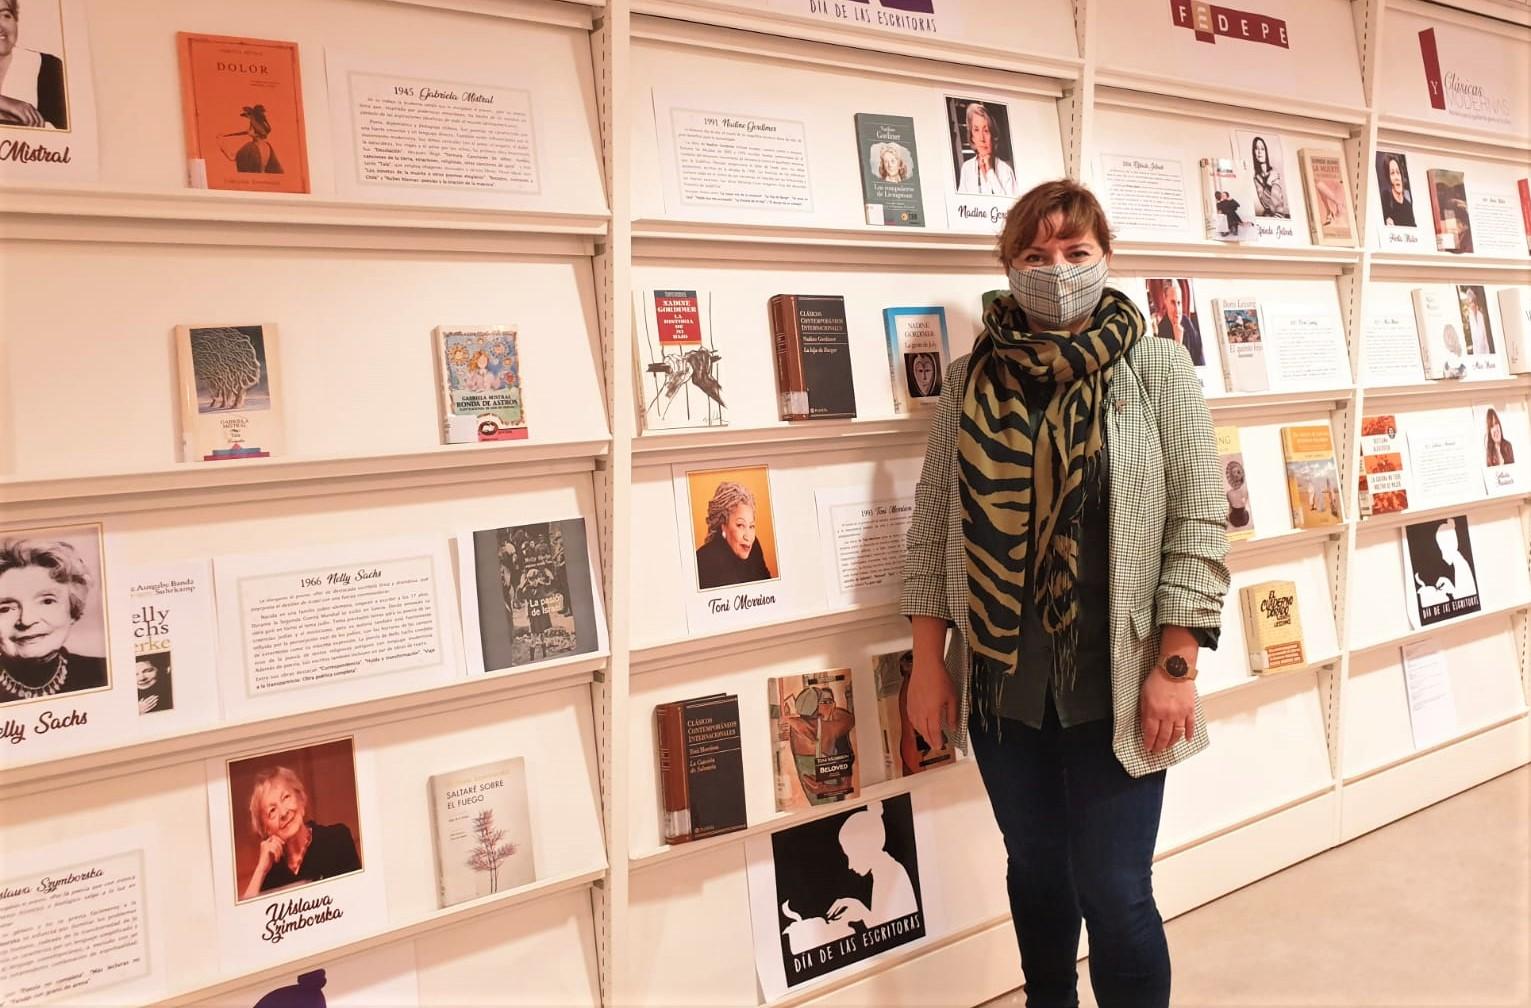 Cultura organiza una exposición para visibilizar el legado intelectual de las 16 mujeres galardonadas con el Nobel de Literatura